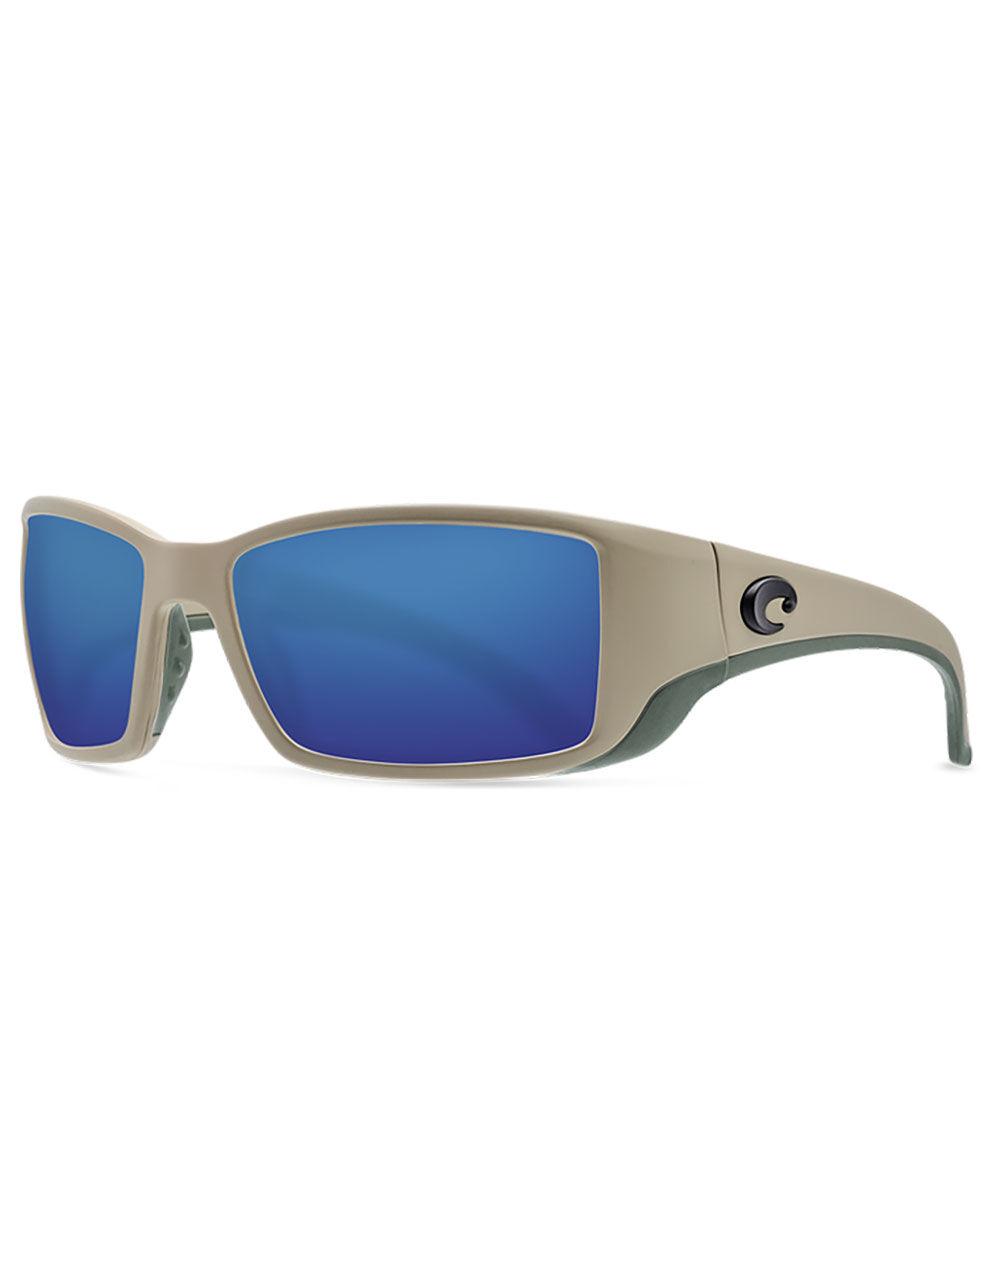 COSTA Blackfin Matte Sand & Blue Mirror Polarized Sunglasses